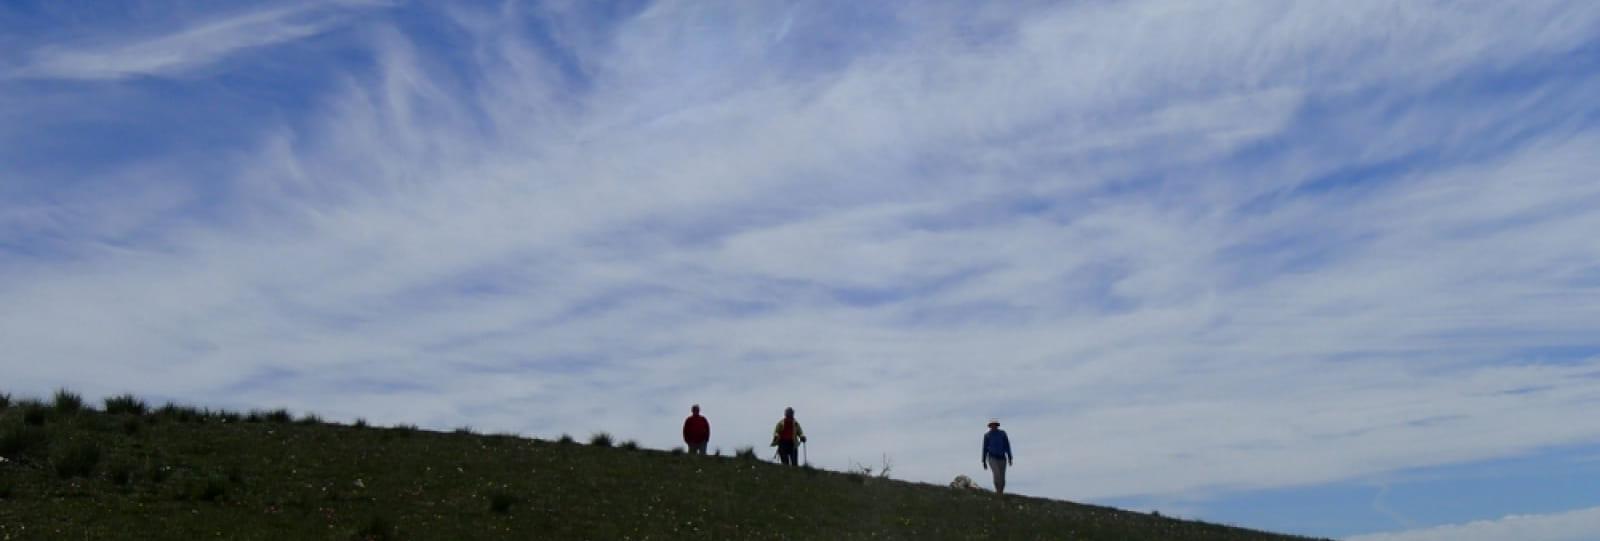 Escapade - randonnées accompagnées